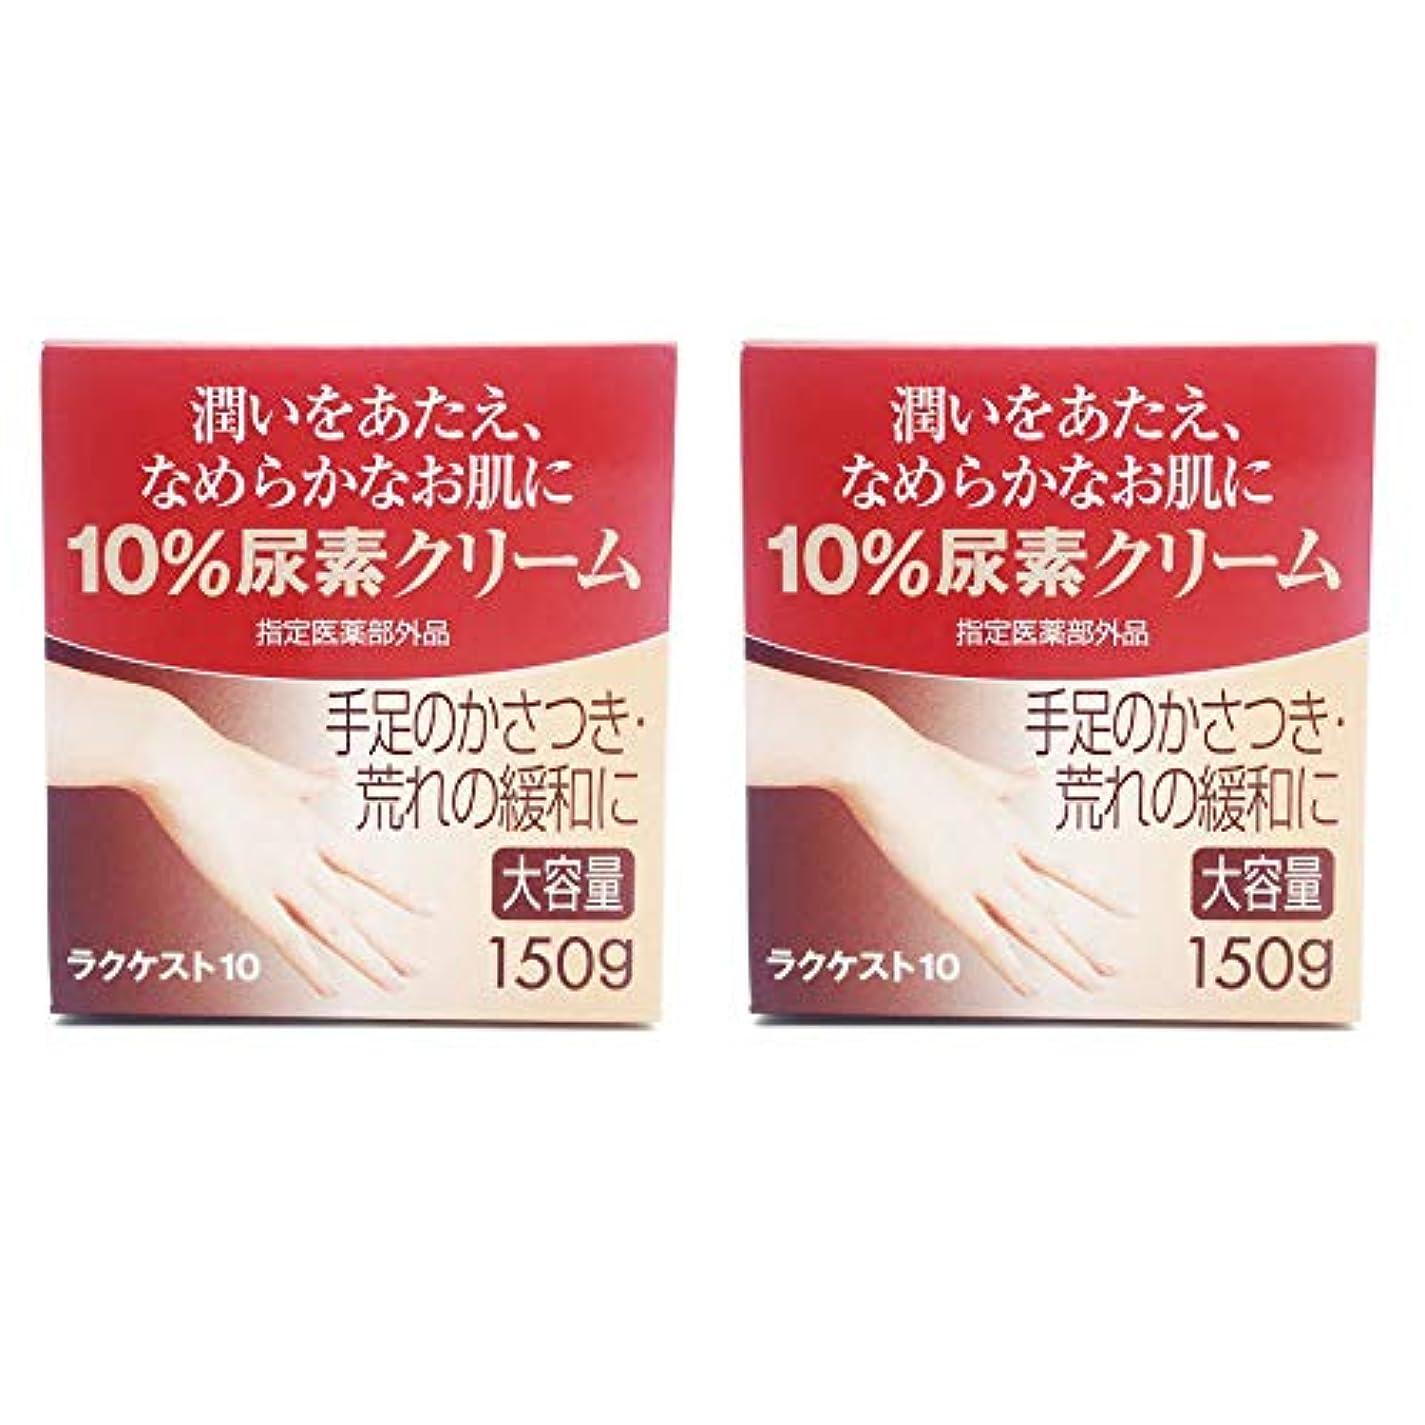 スポンサー信仰約設定尿素10%クリーム 大容量300g(150g×2箱セット) ヒアルロン酸 保湿 手荒れ かさつき urea cream